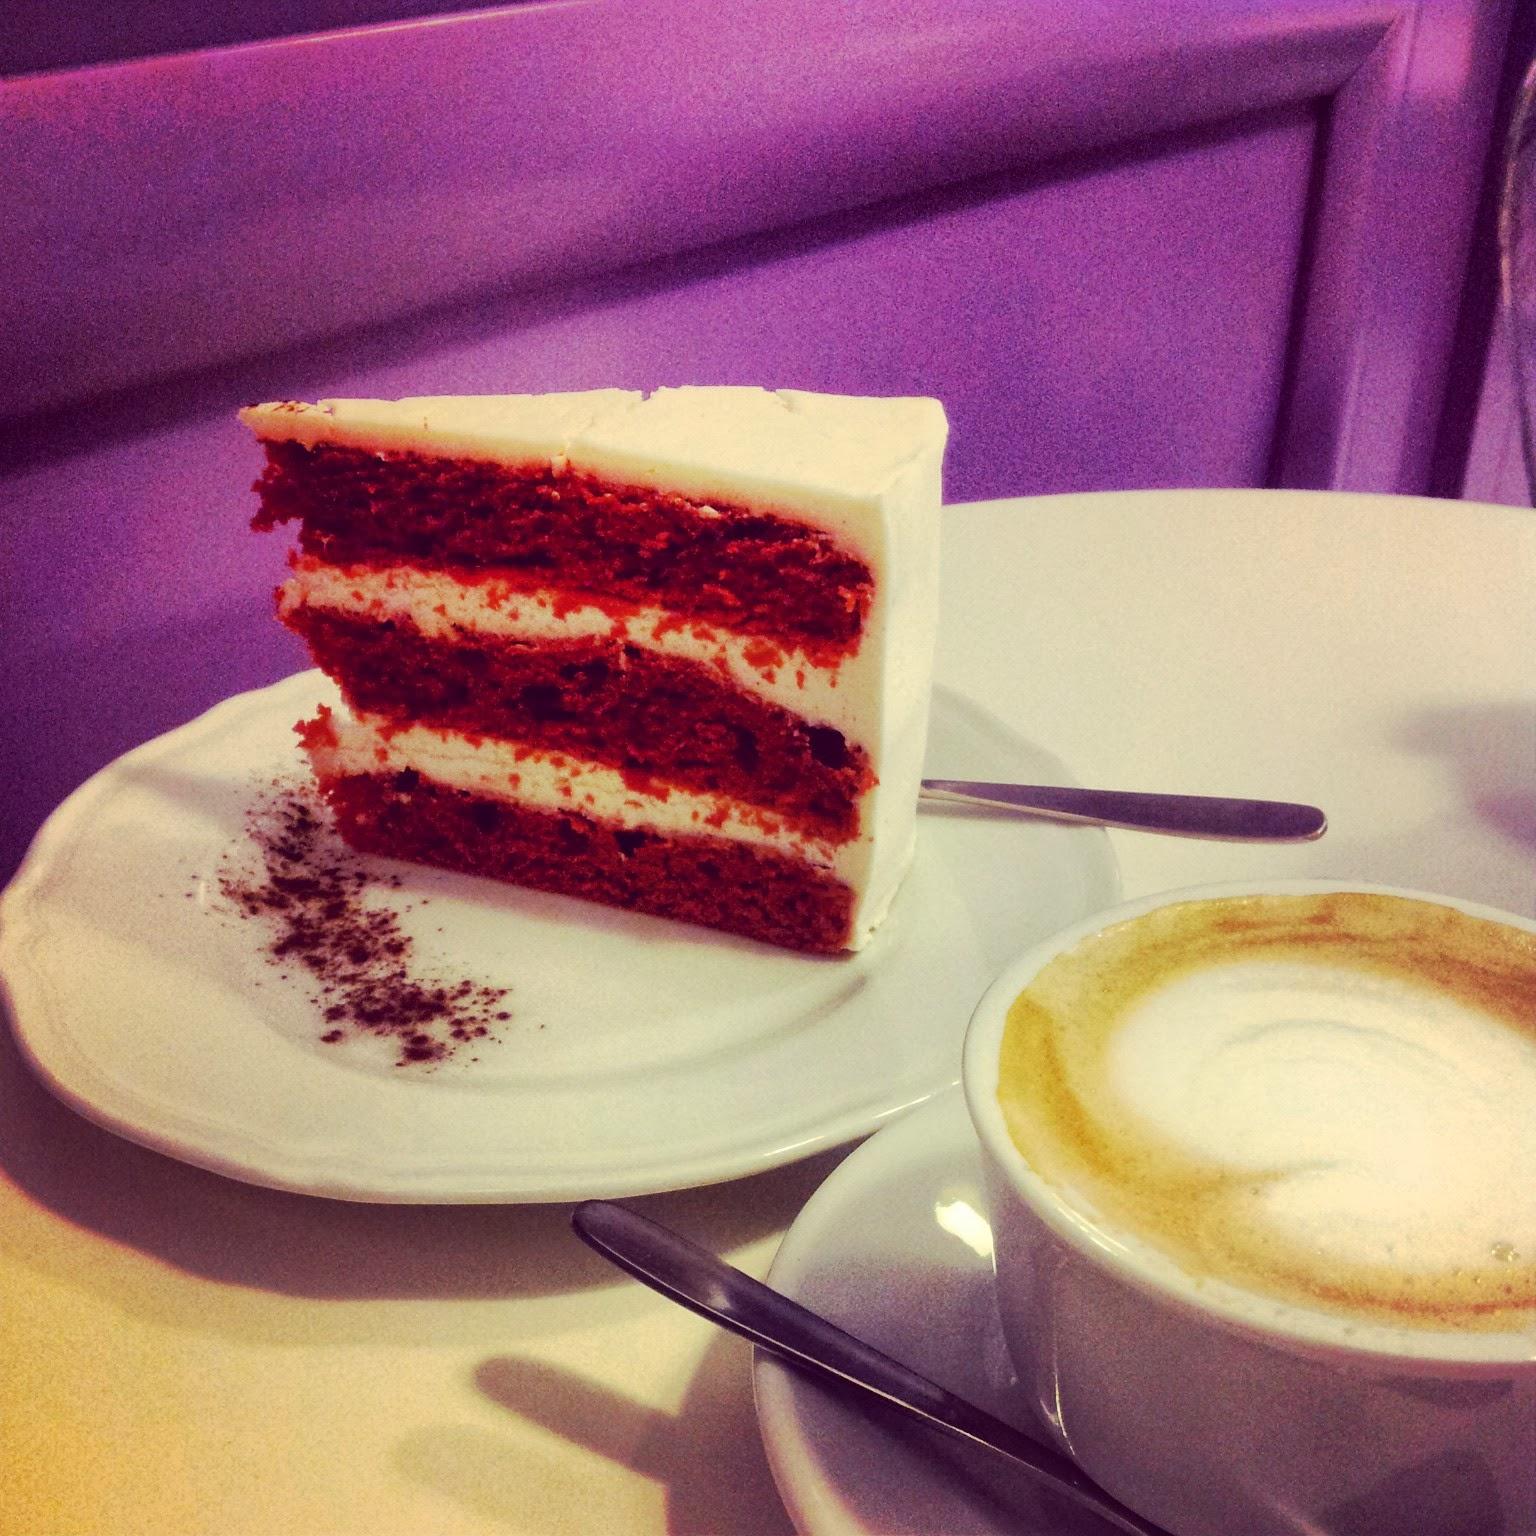 Miss Cake - red velvet cake